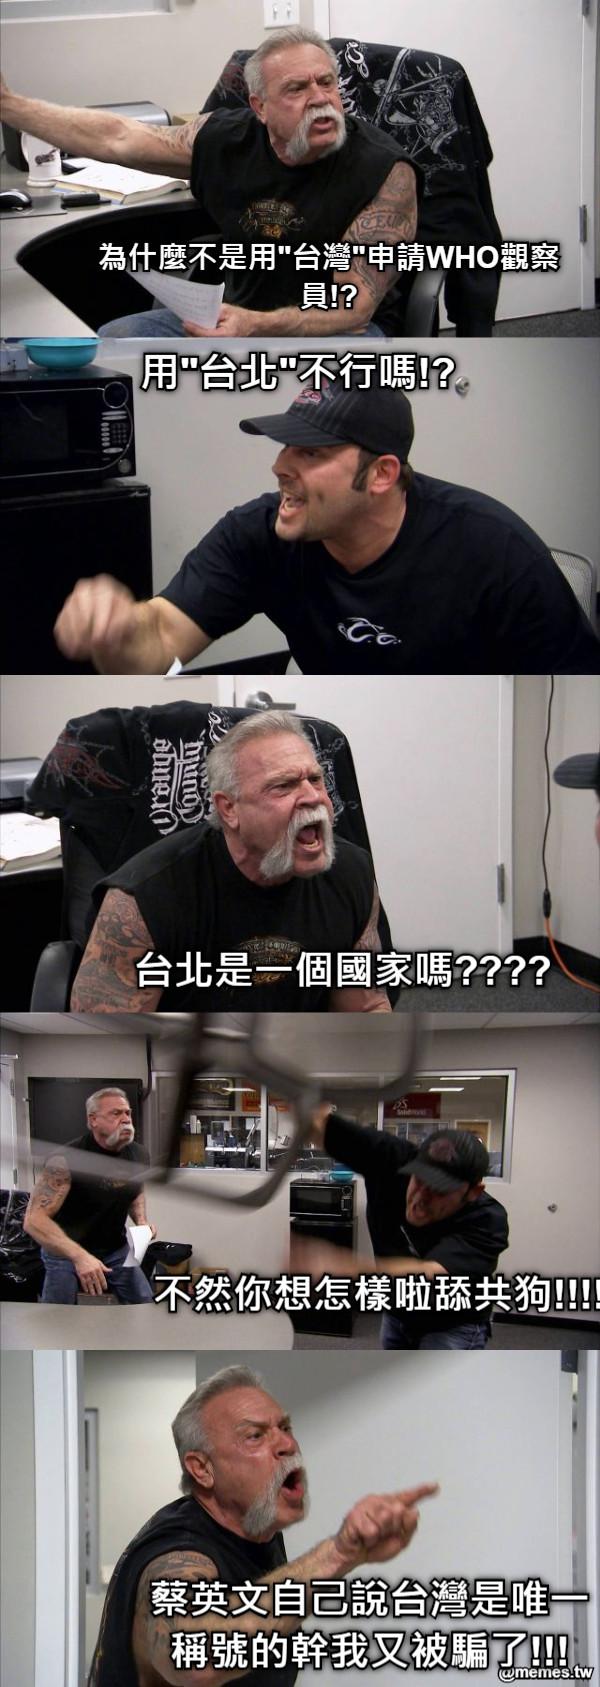 """為什麼不是用""""台灣""""申請WHO觀察員!? 用""""台北""""不行嗎!? 台北是一個國家嗎???? 不然你想怎樣啦舔共狗!!!! 蔡英文自己說台灣是唯一稱號的幹我又被騙了!!!"""